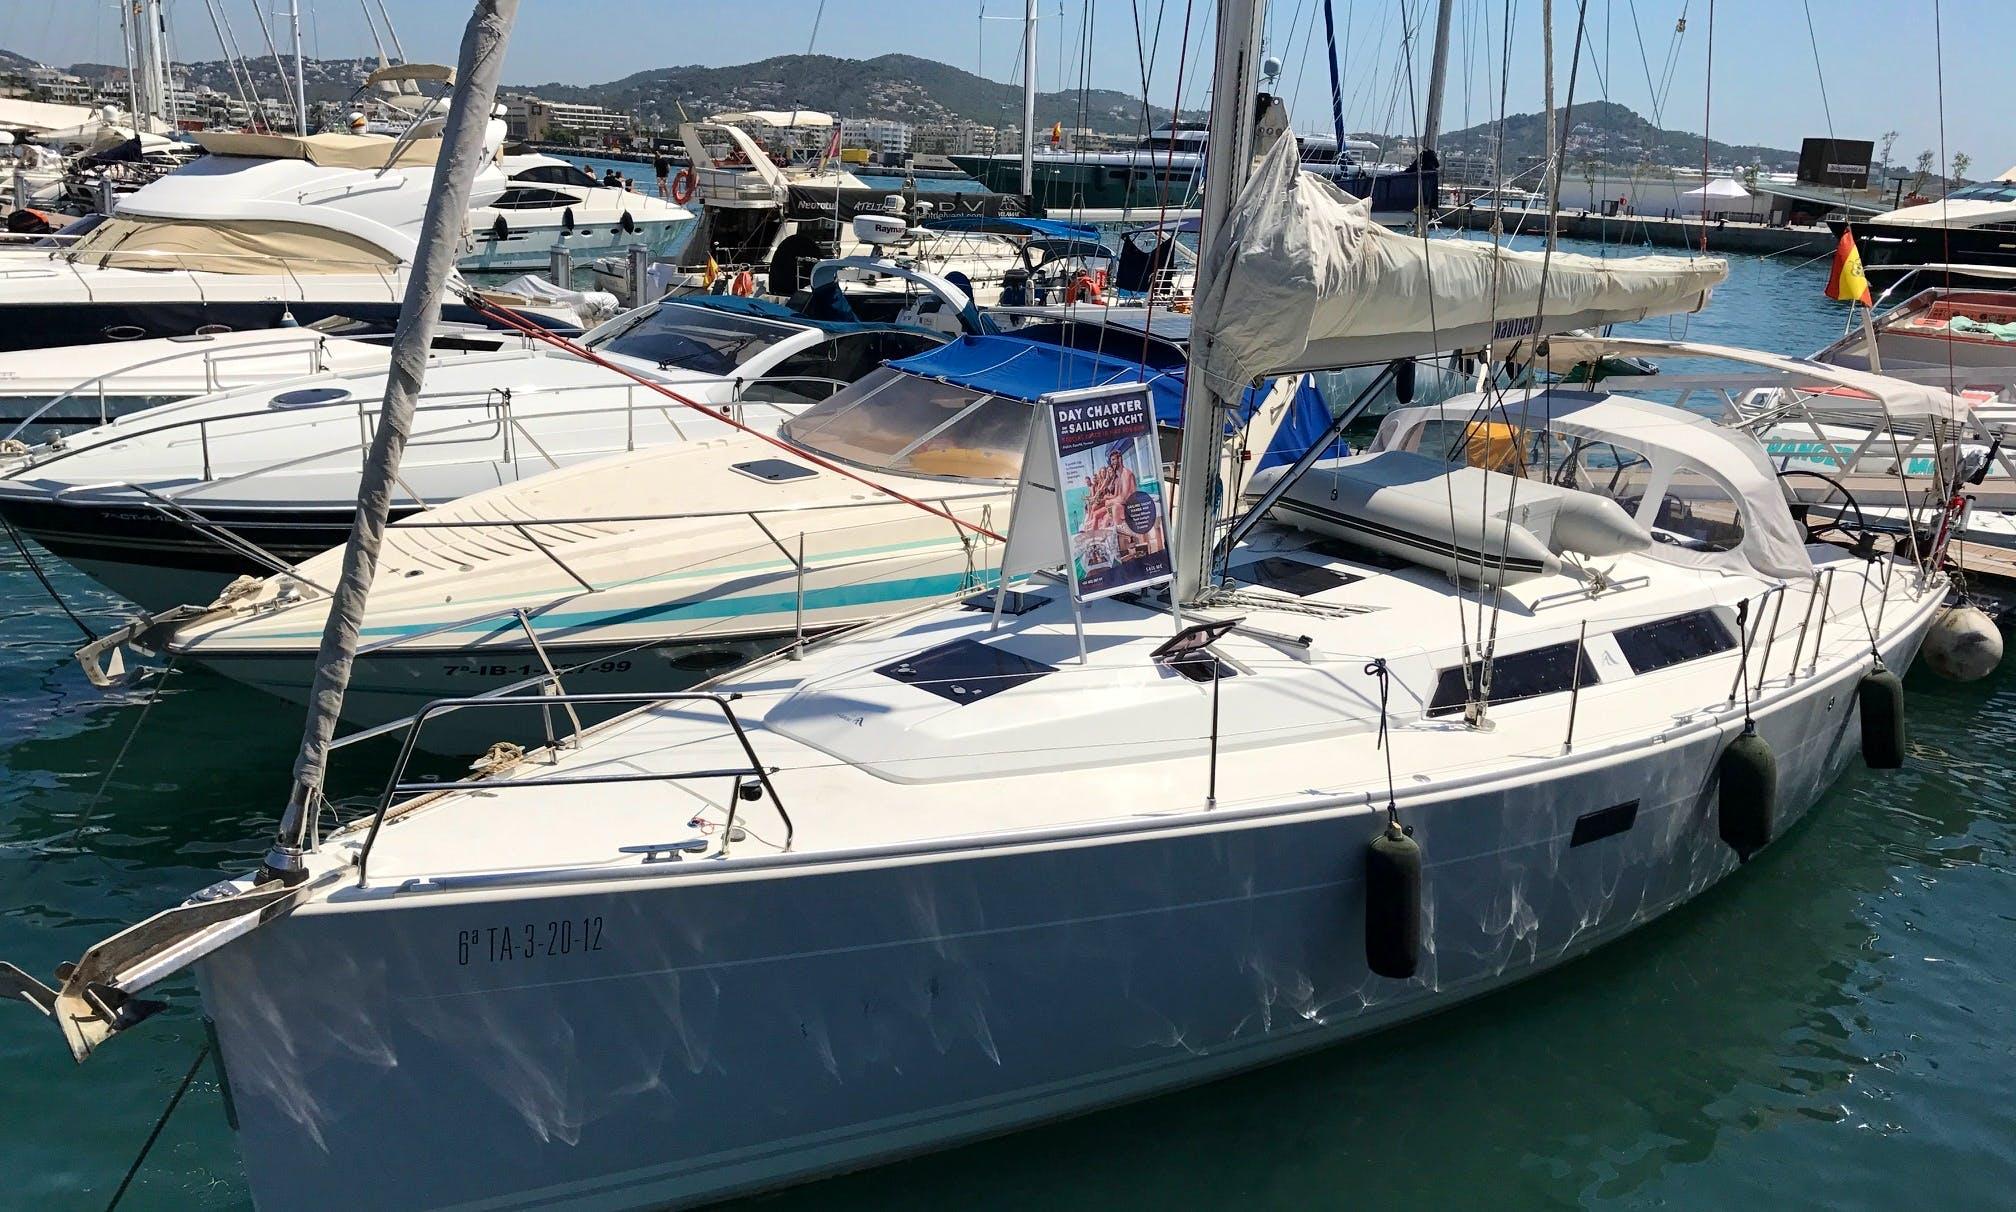 """Charter Hanse 400 Performance """"Nauticum"""" in Tenerife, Spain"""